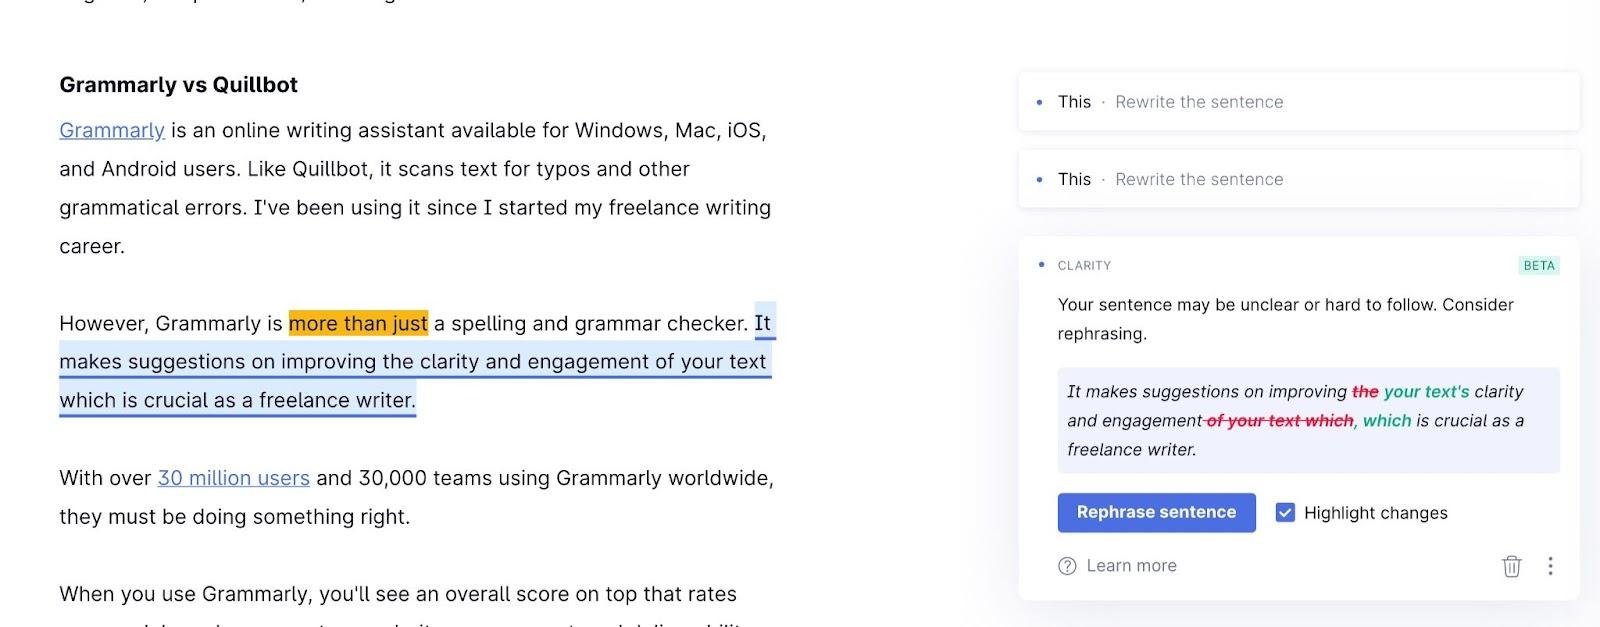 Grammarly Vs Quillbot